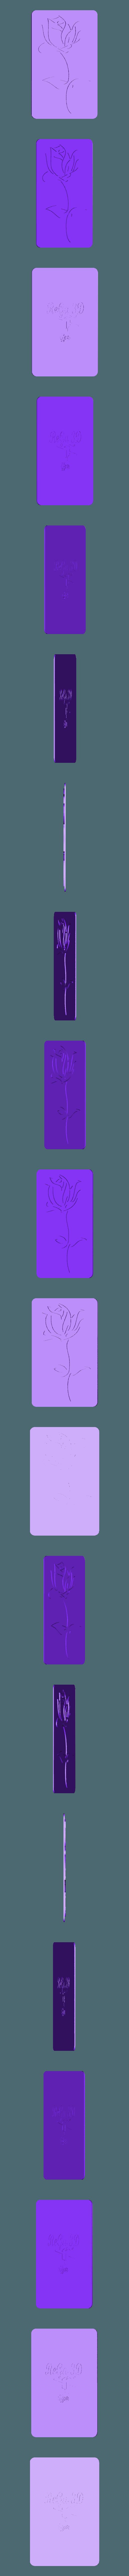 Rosa.stl Télécharger fichier STL gratuit Rose 2D • Objet à imprimer en 3D, ReGa